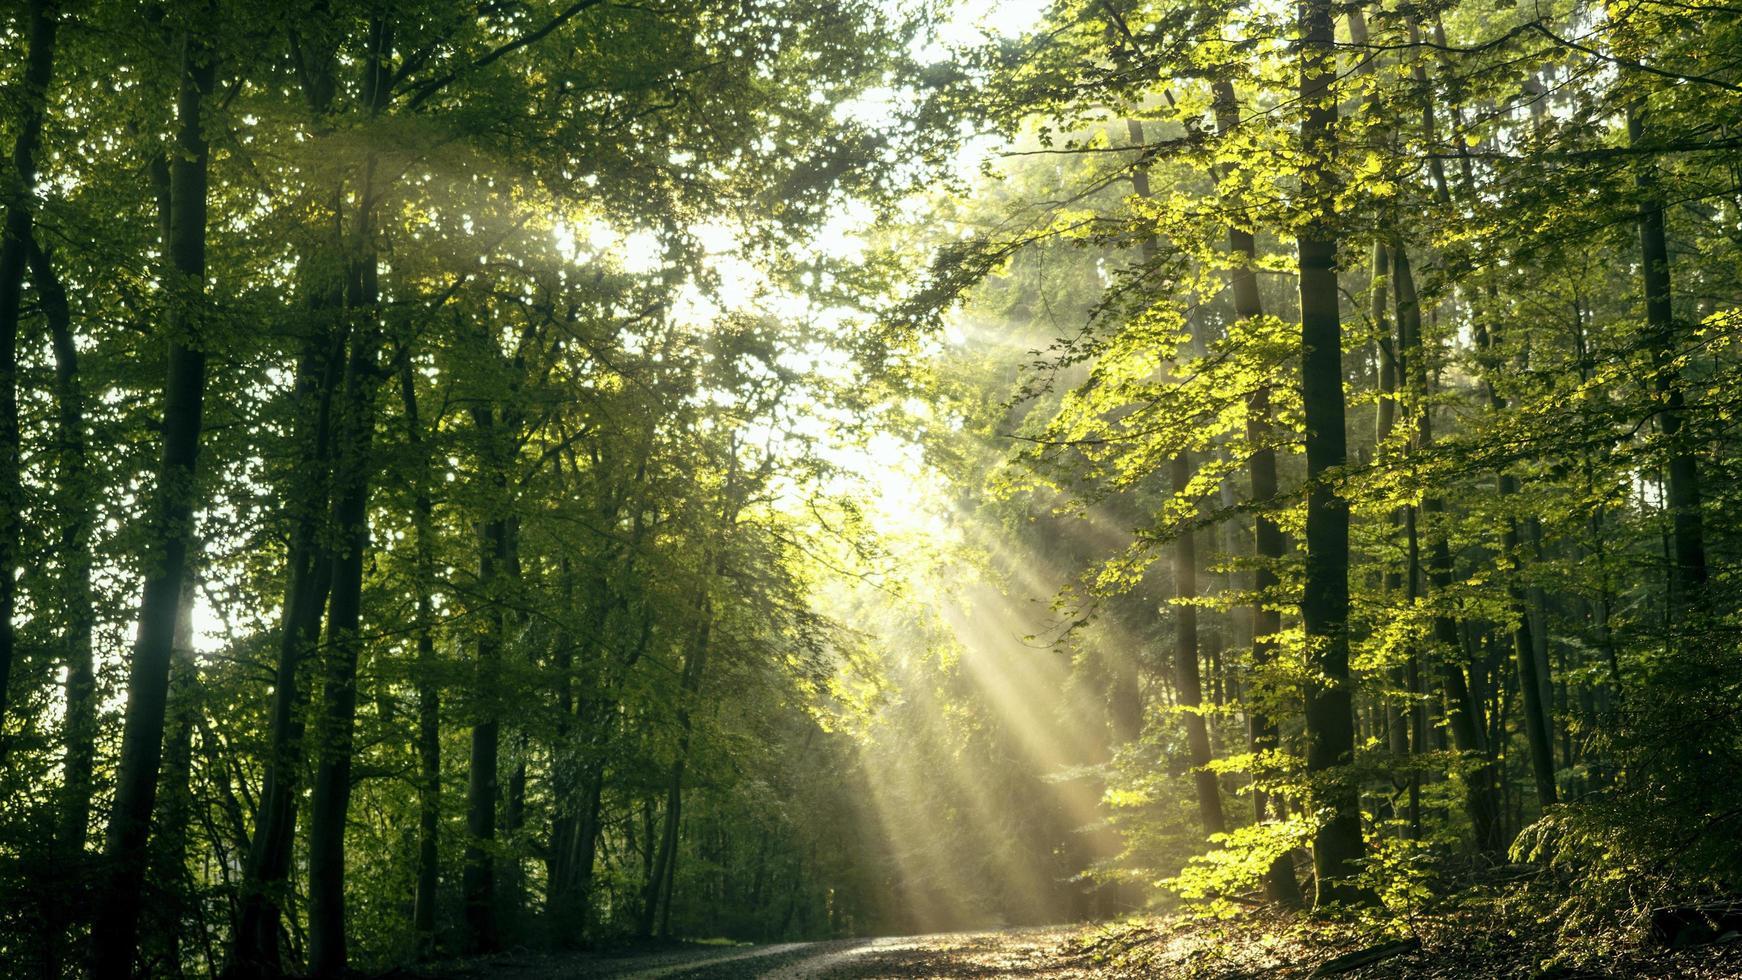 Sonne scheint durch Bäume foto